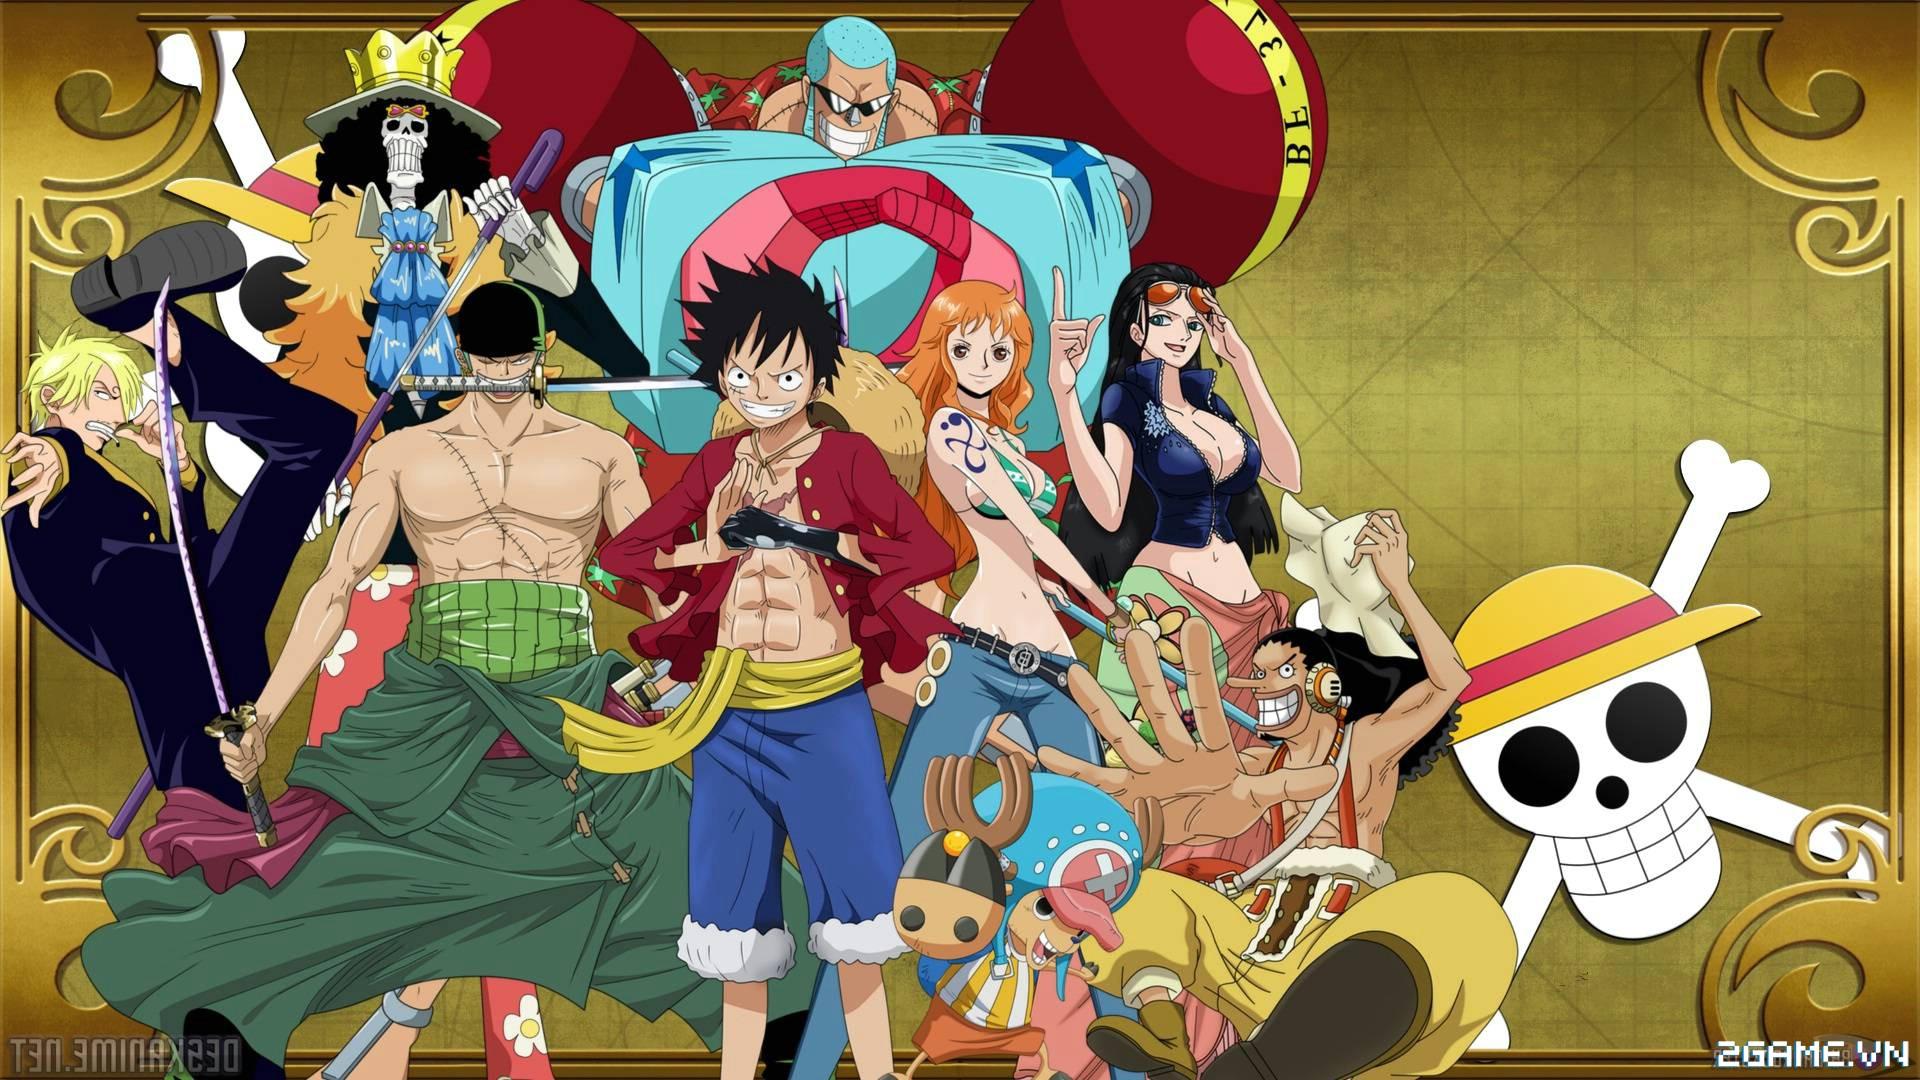 """Hải Tặc Báo Thù - 3 điều không thể không có để làm nên tựa game """"chuẩn"""" One Piece 0"""